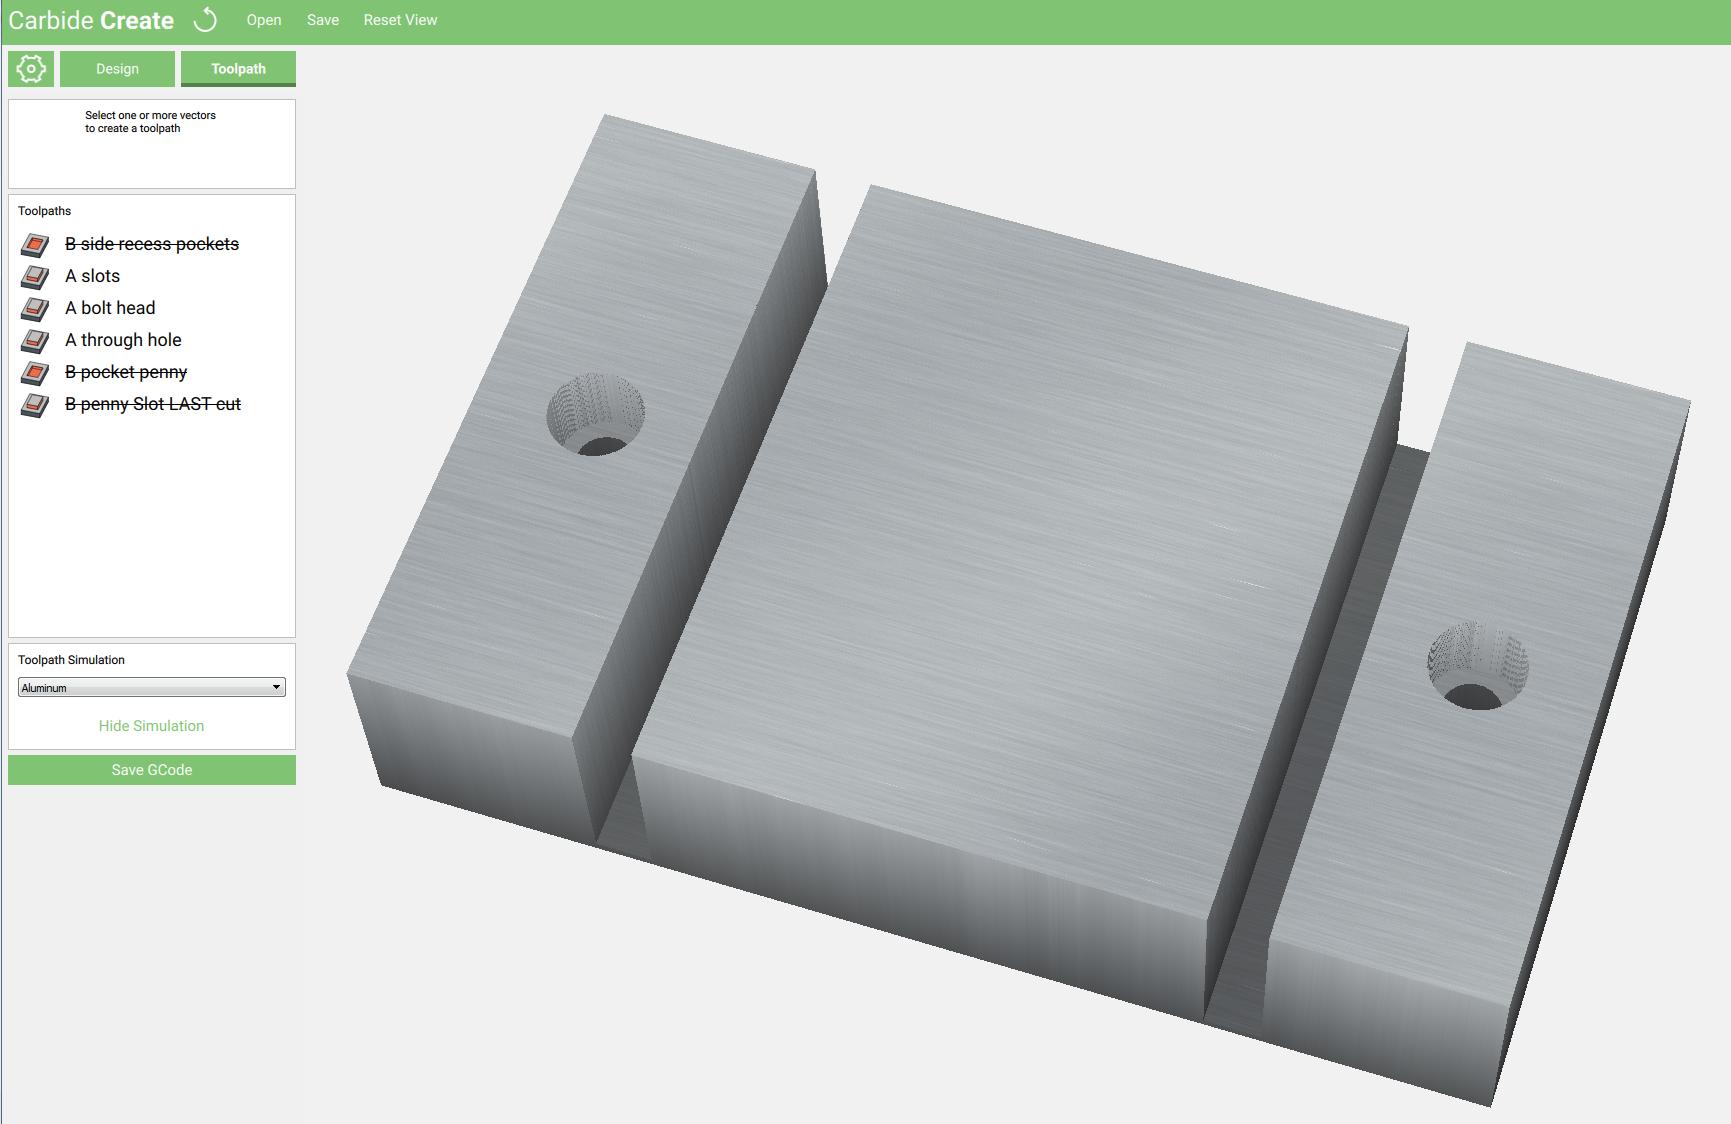 How To - Carbide 3D Community Site